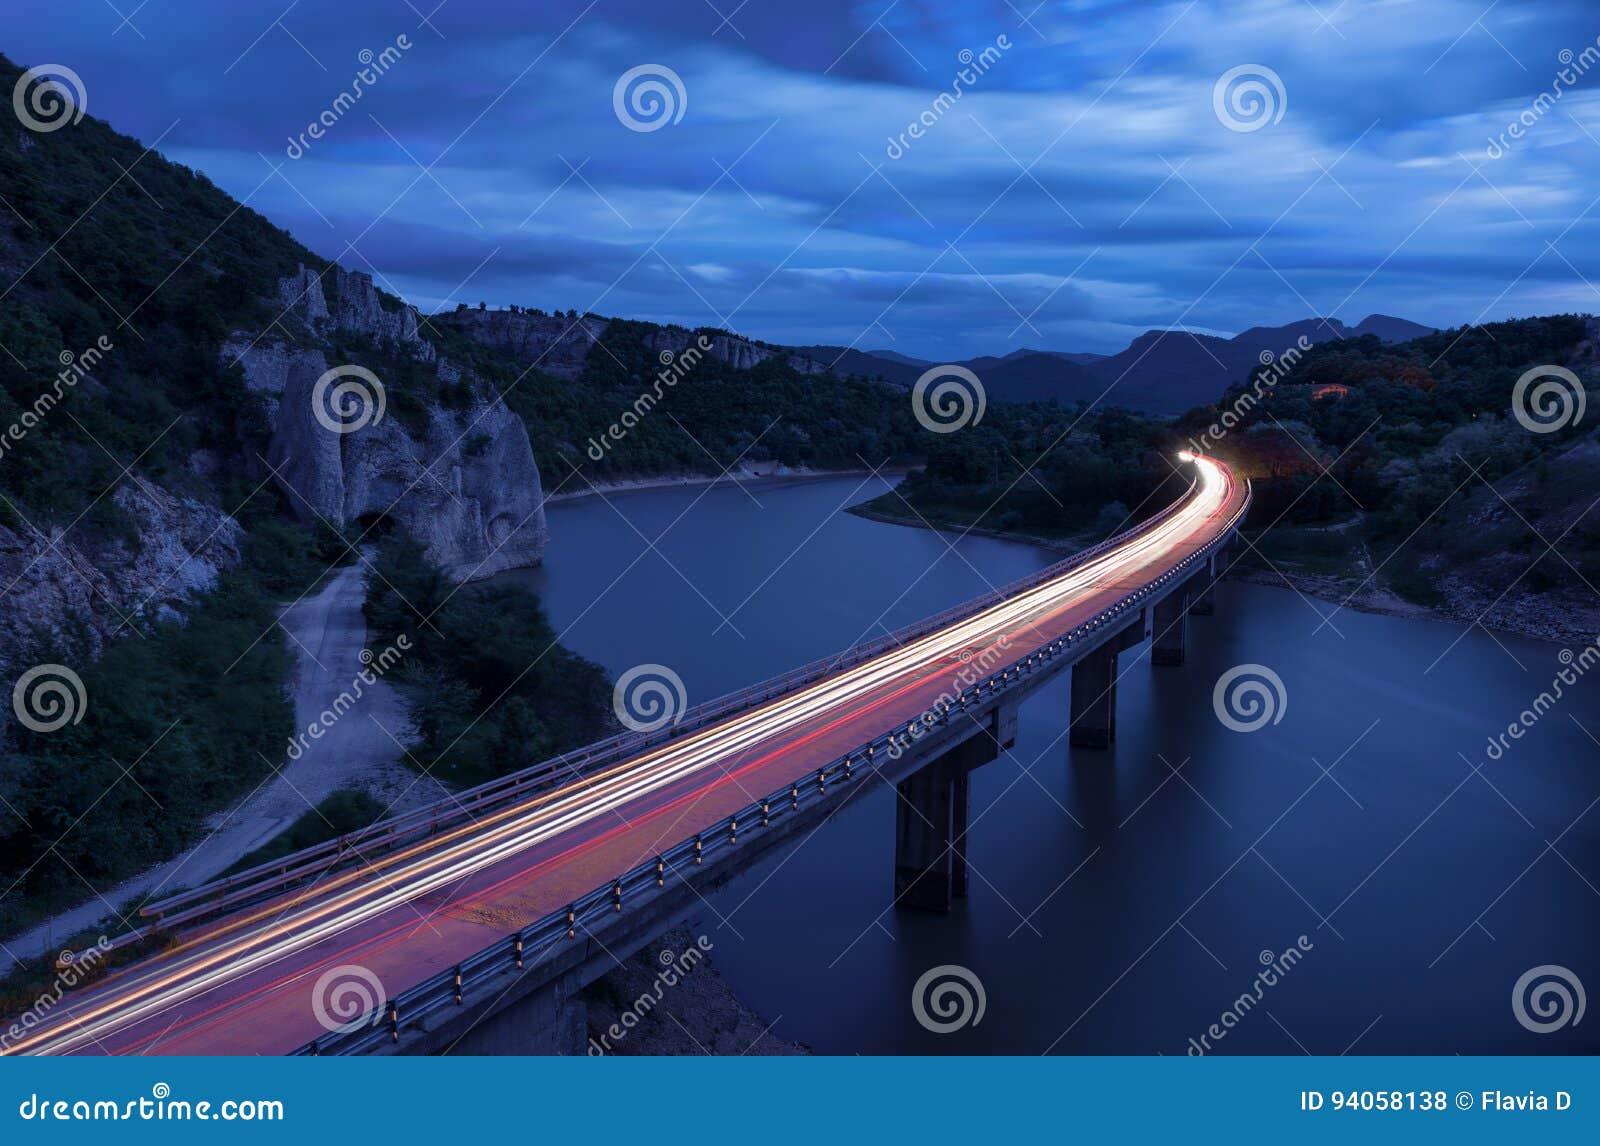 Paisagem magnífica, nightscape com fugas da luz e o fenômeno da rocha a montanha de Balcãs maravilhosa das rochas, Bulgária